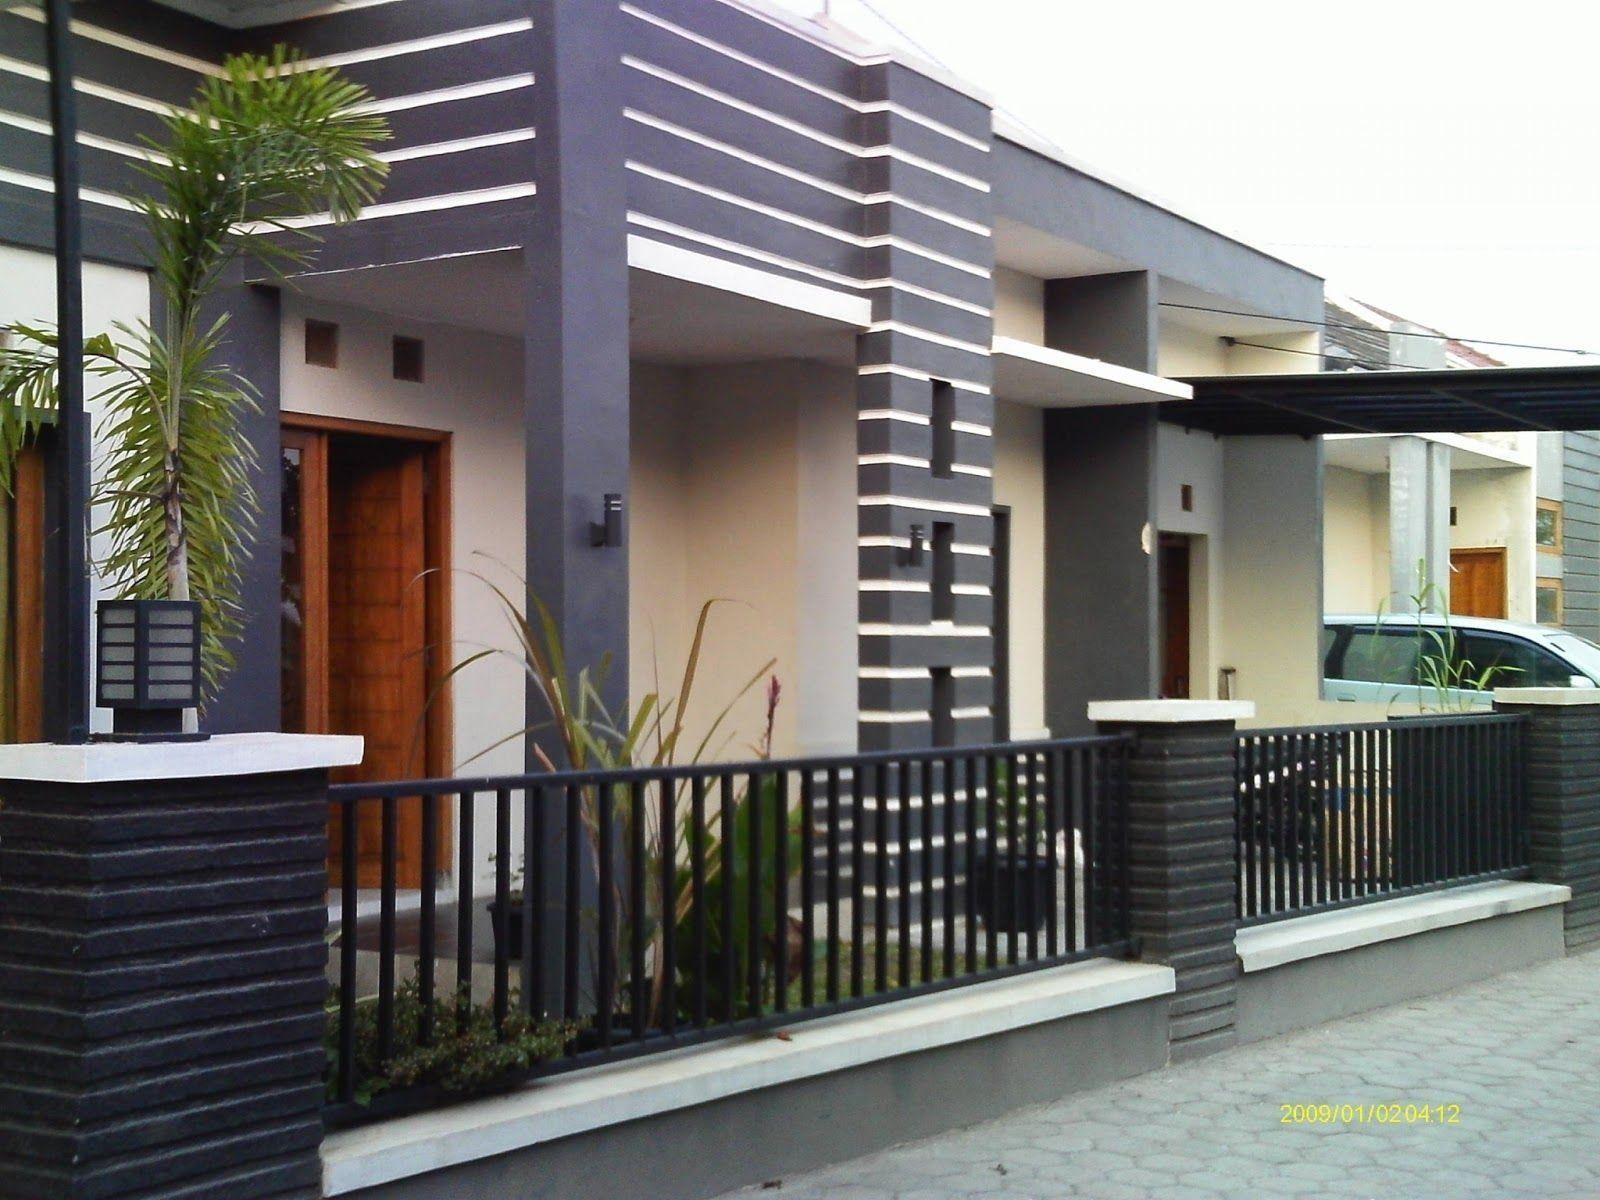 Desain Pagar Samping Rumah Cek Bahan Bangunan